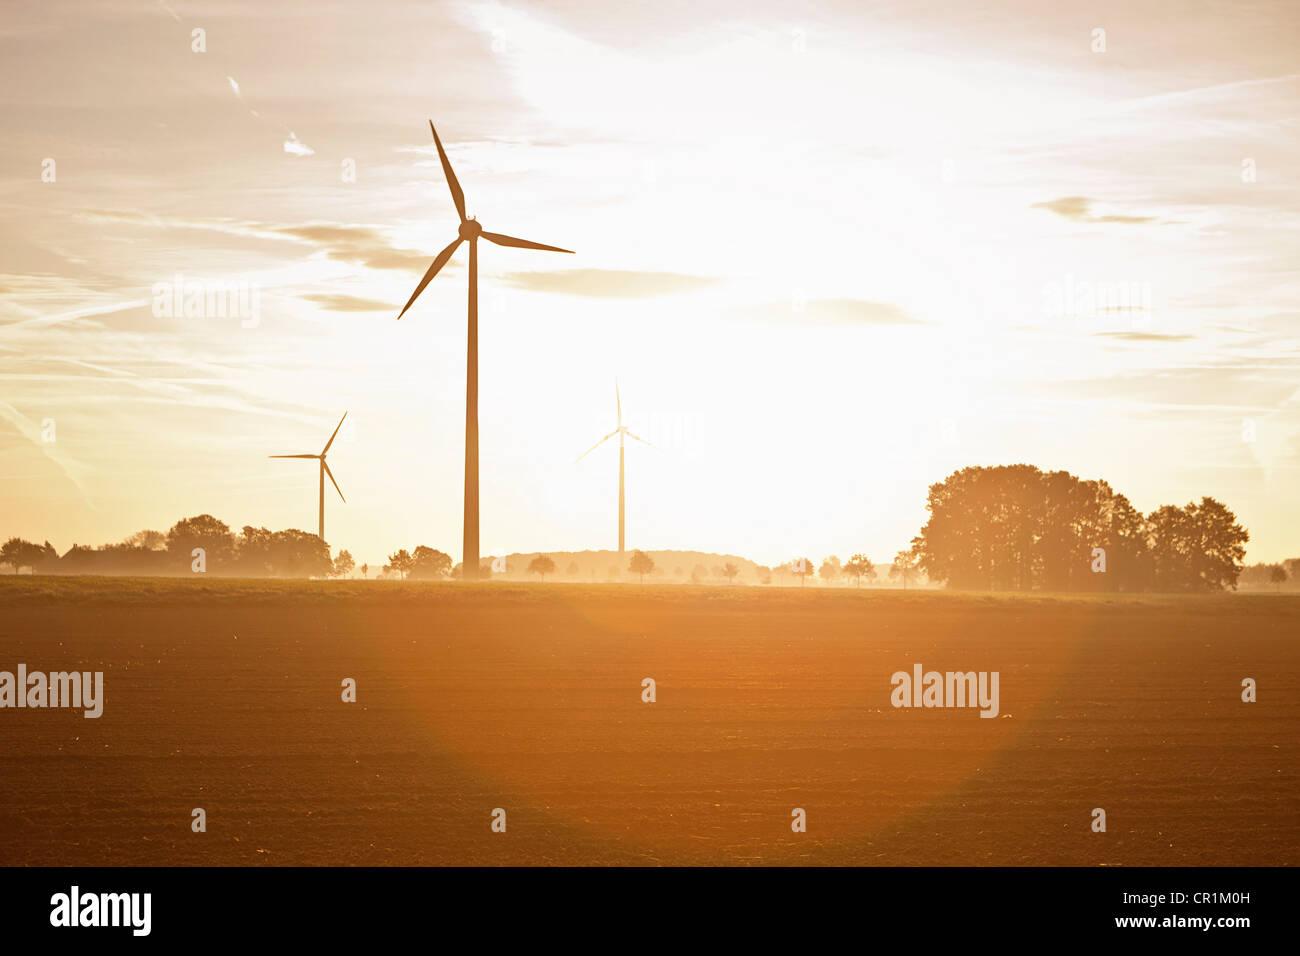 Le turbine eoliche nel paesaggio rurale Immagini Stock